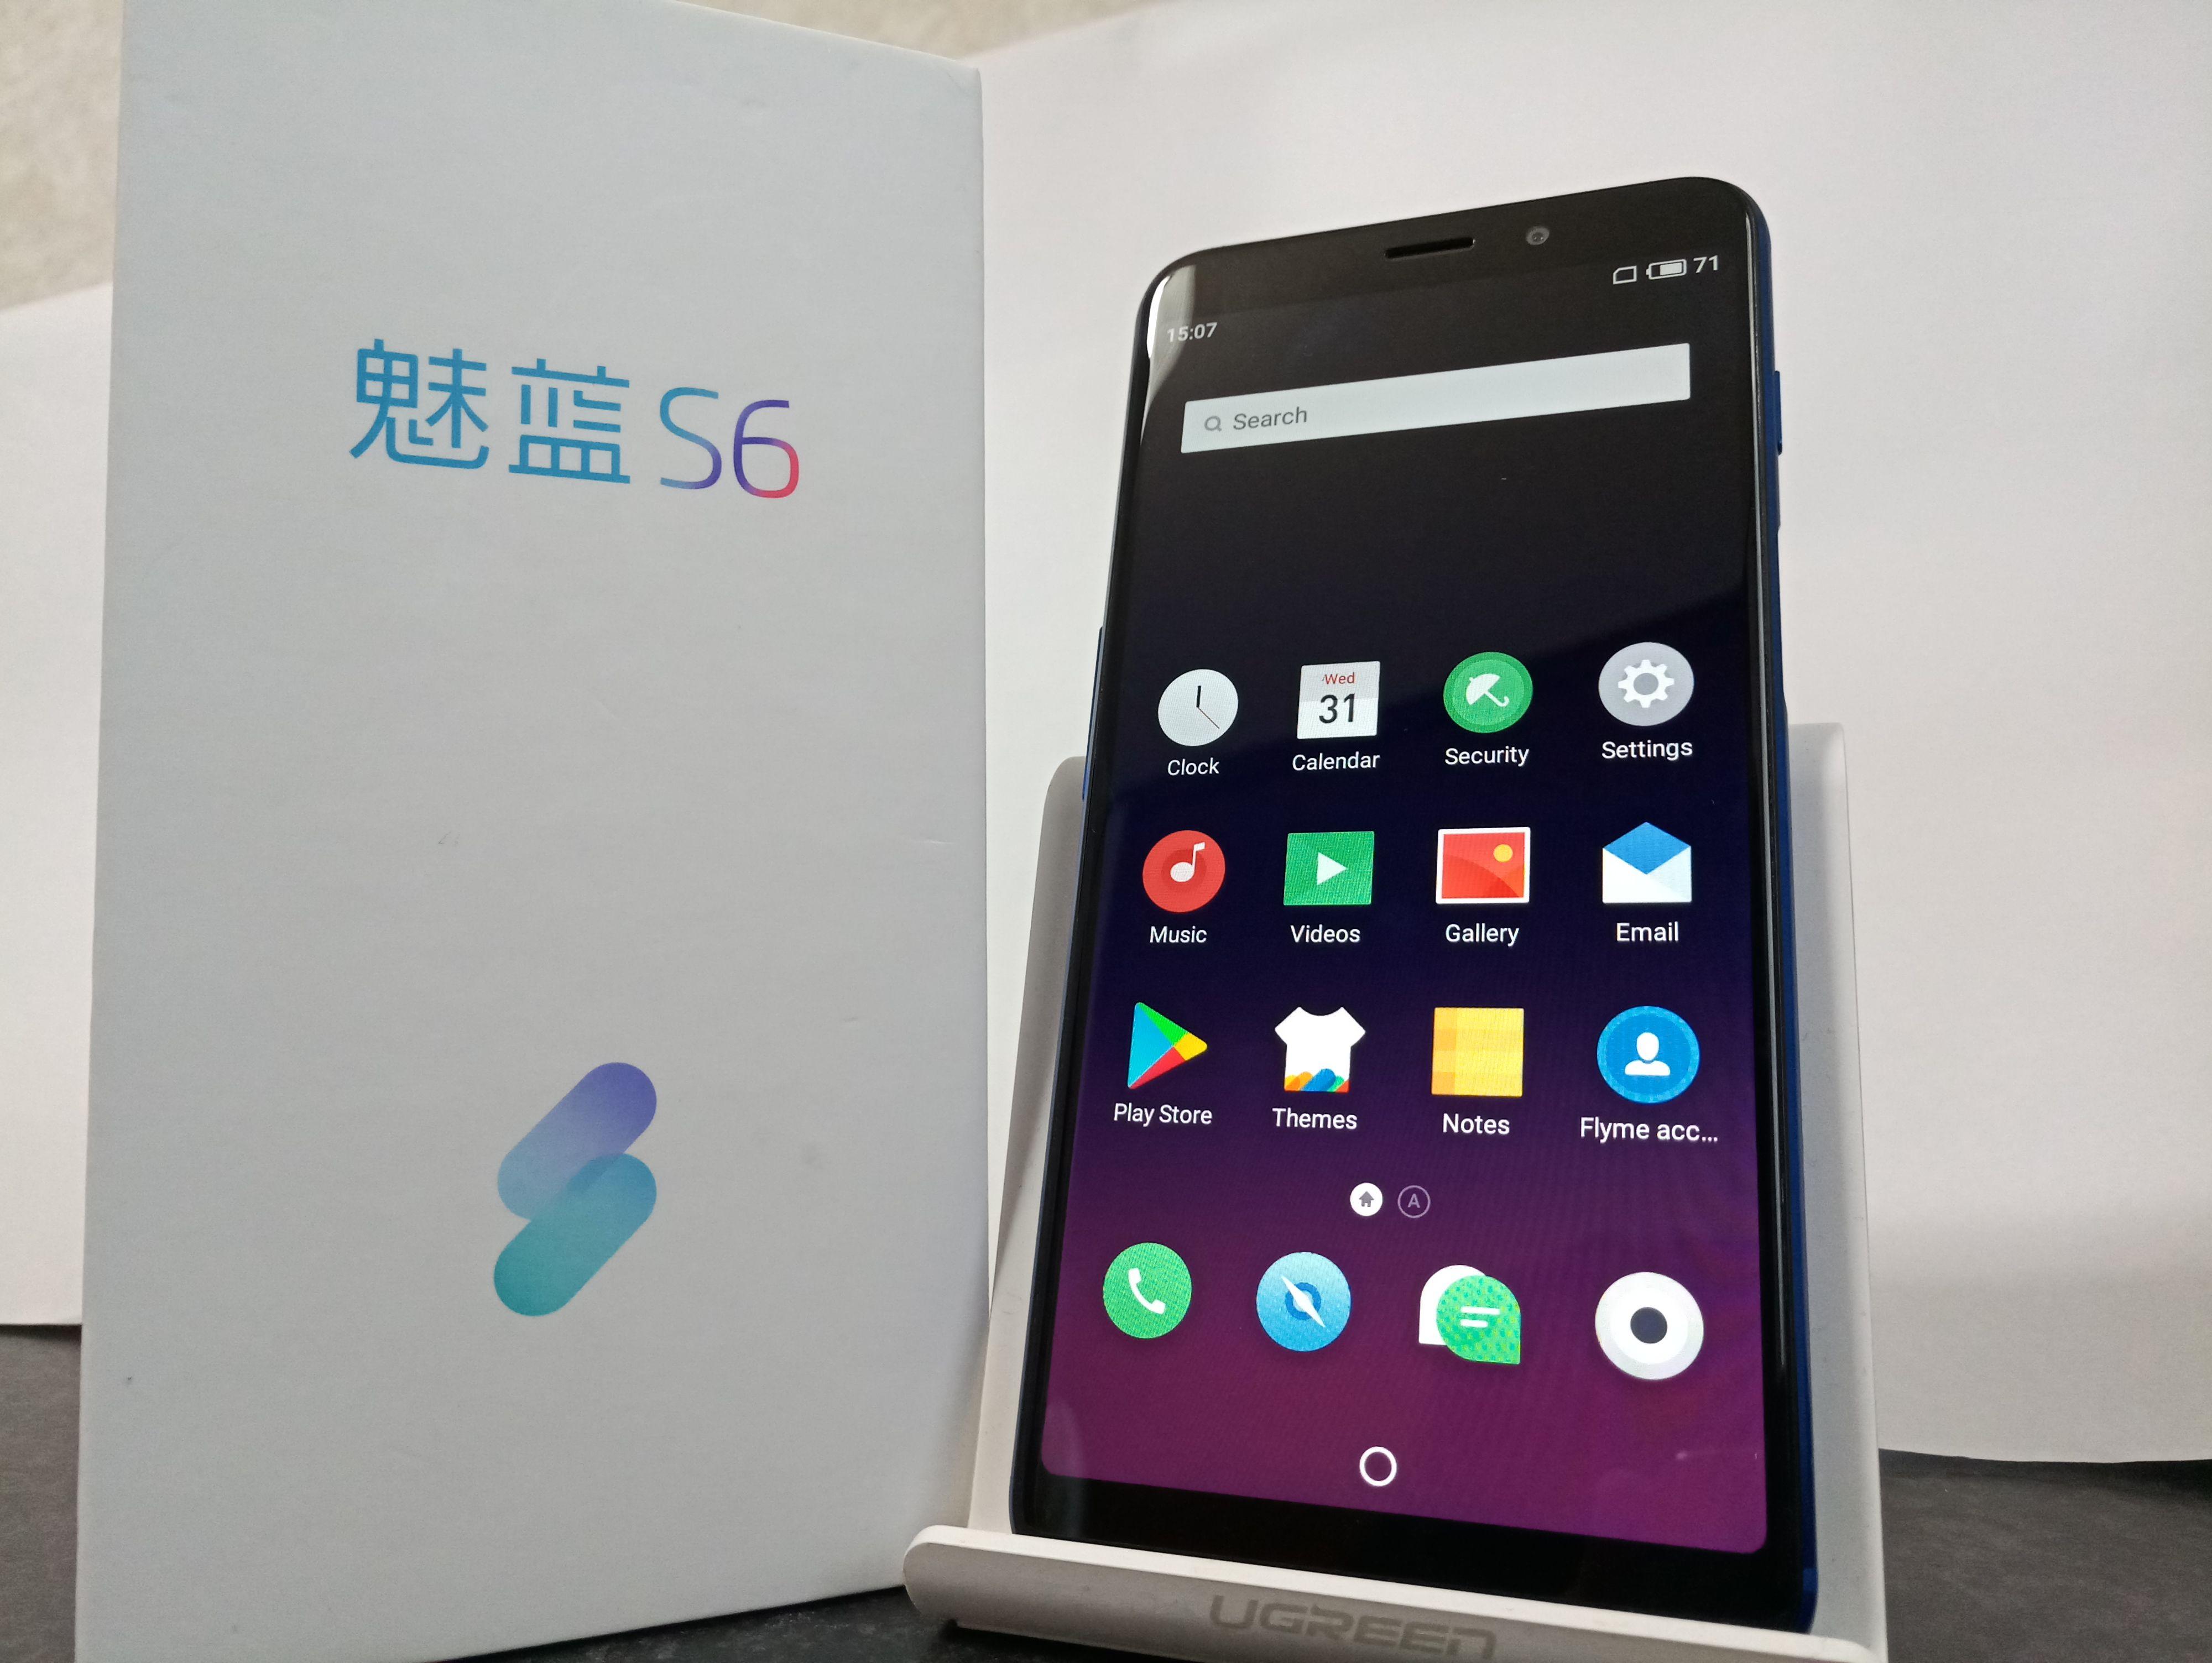 魅藍 S6(Meizu S6/Meizu M6s)のフォトレビュー